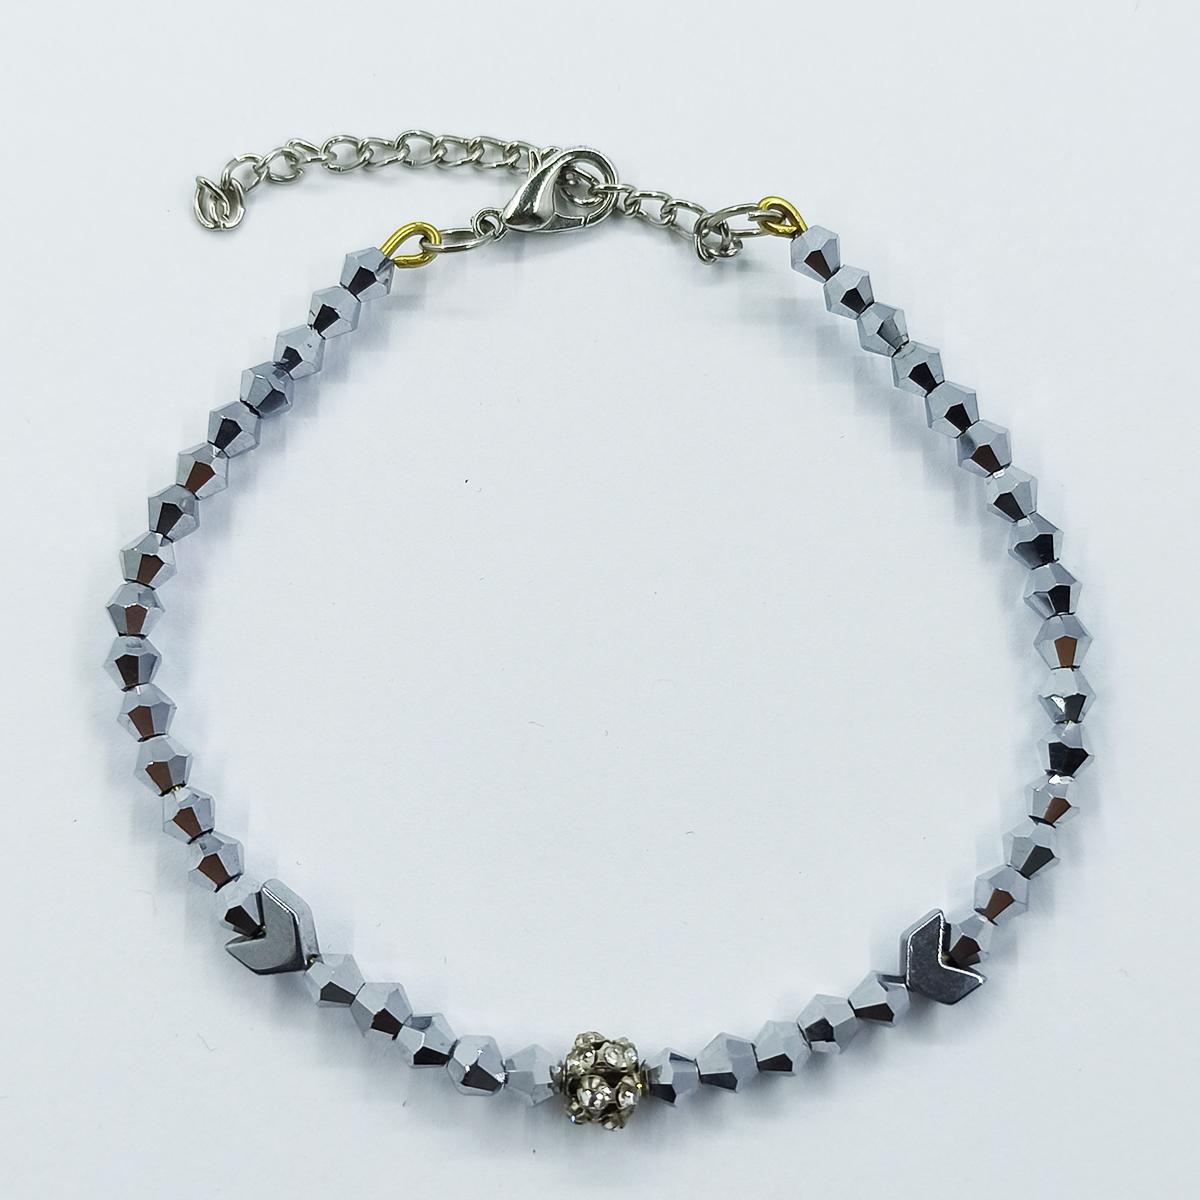 دستبند زنانه سلین کالا مدل کریستالی کد ce-AS4